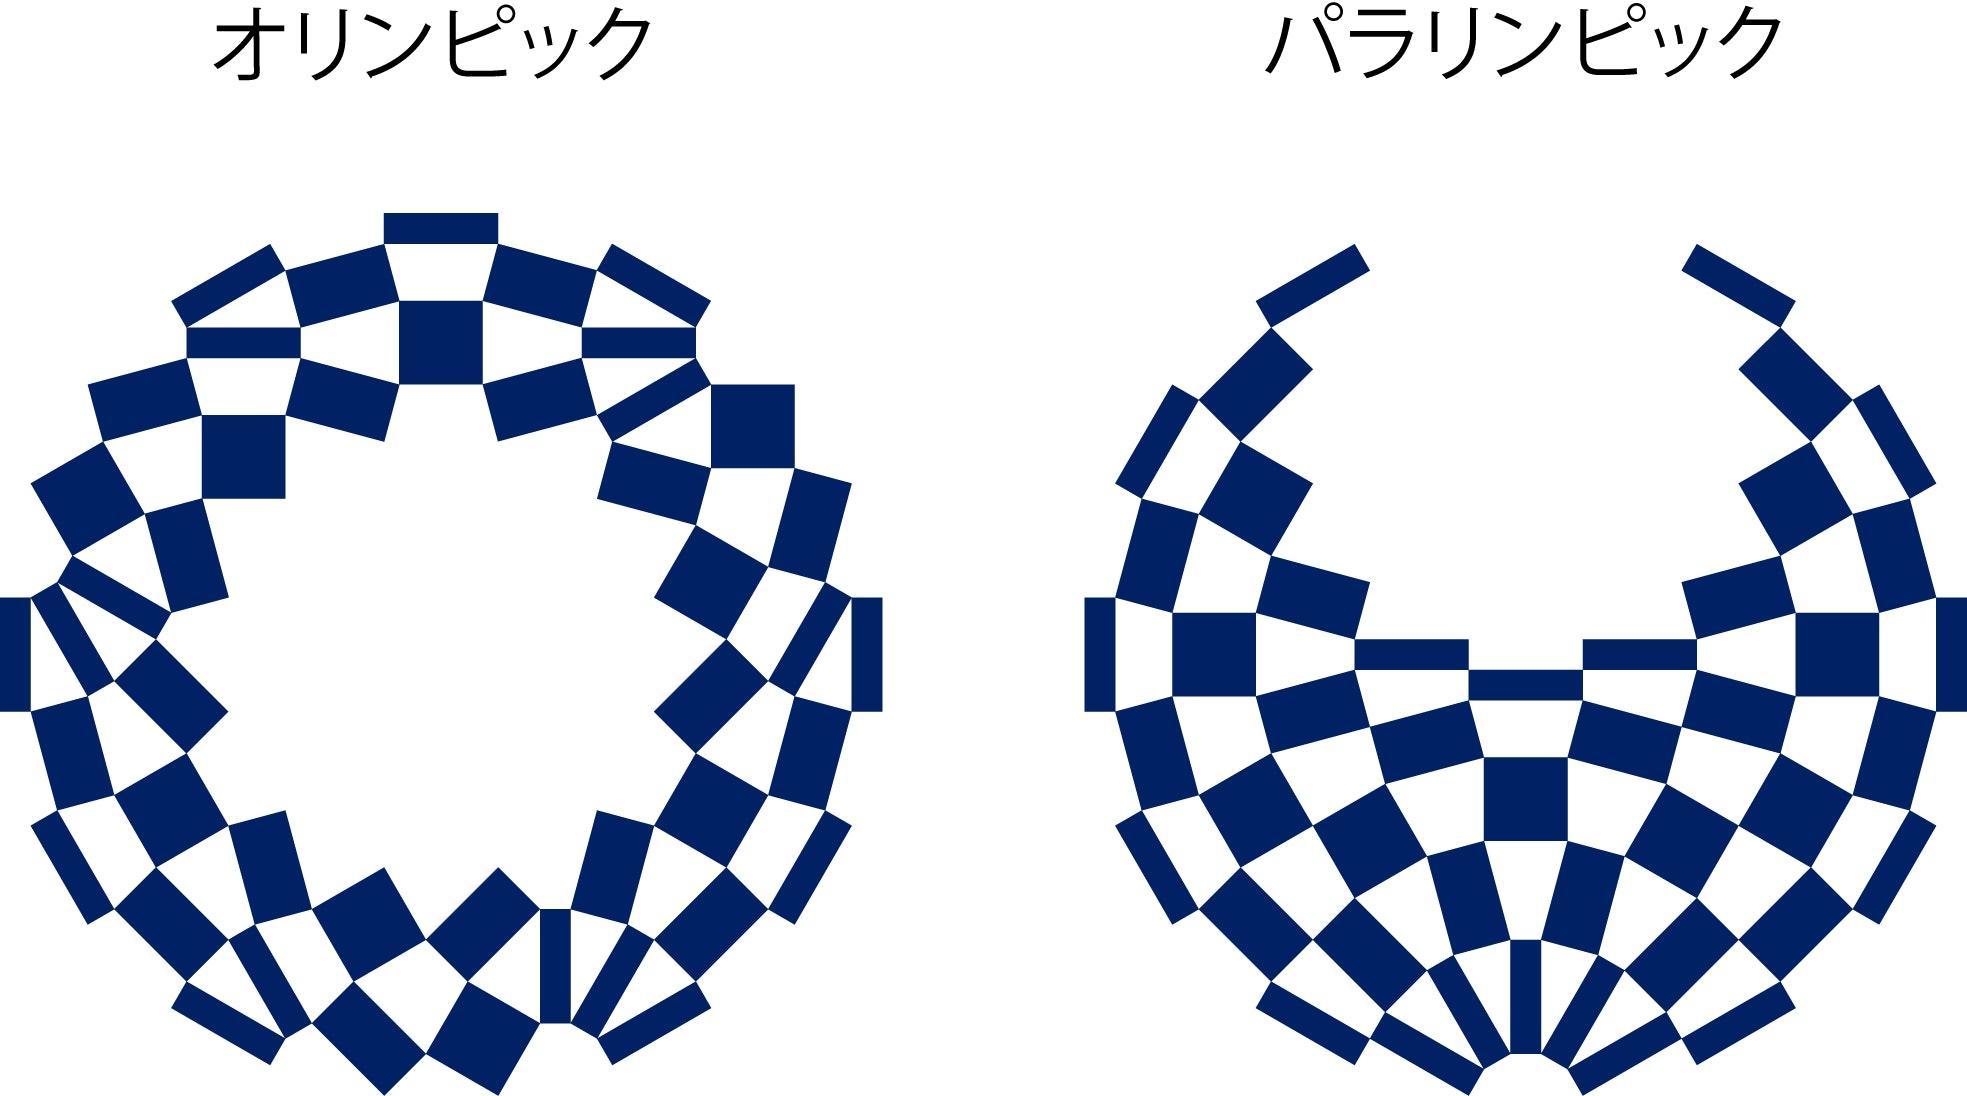 emblem.tif